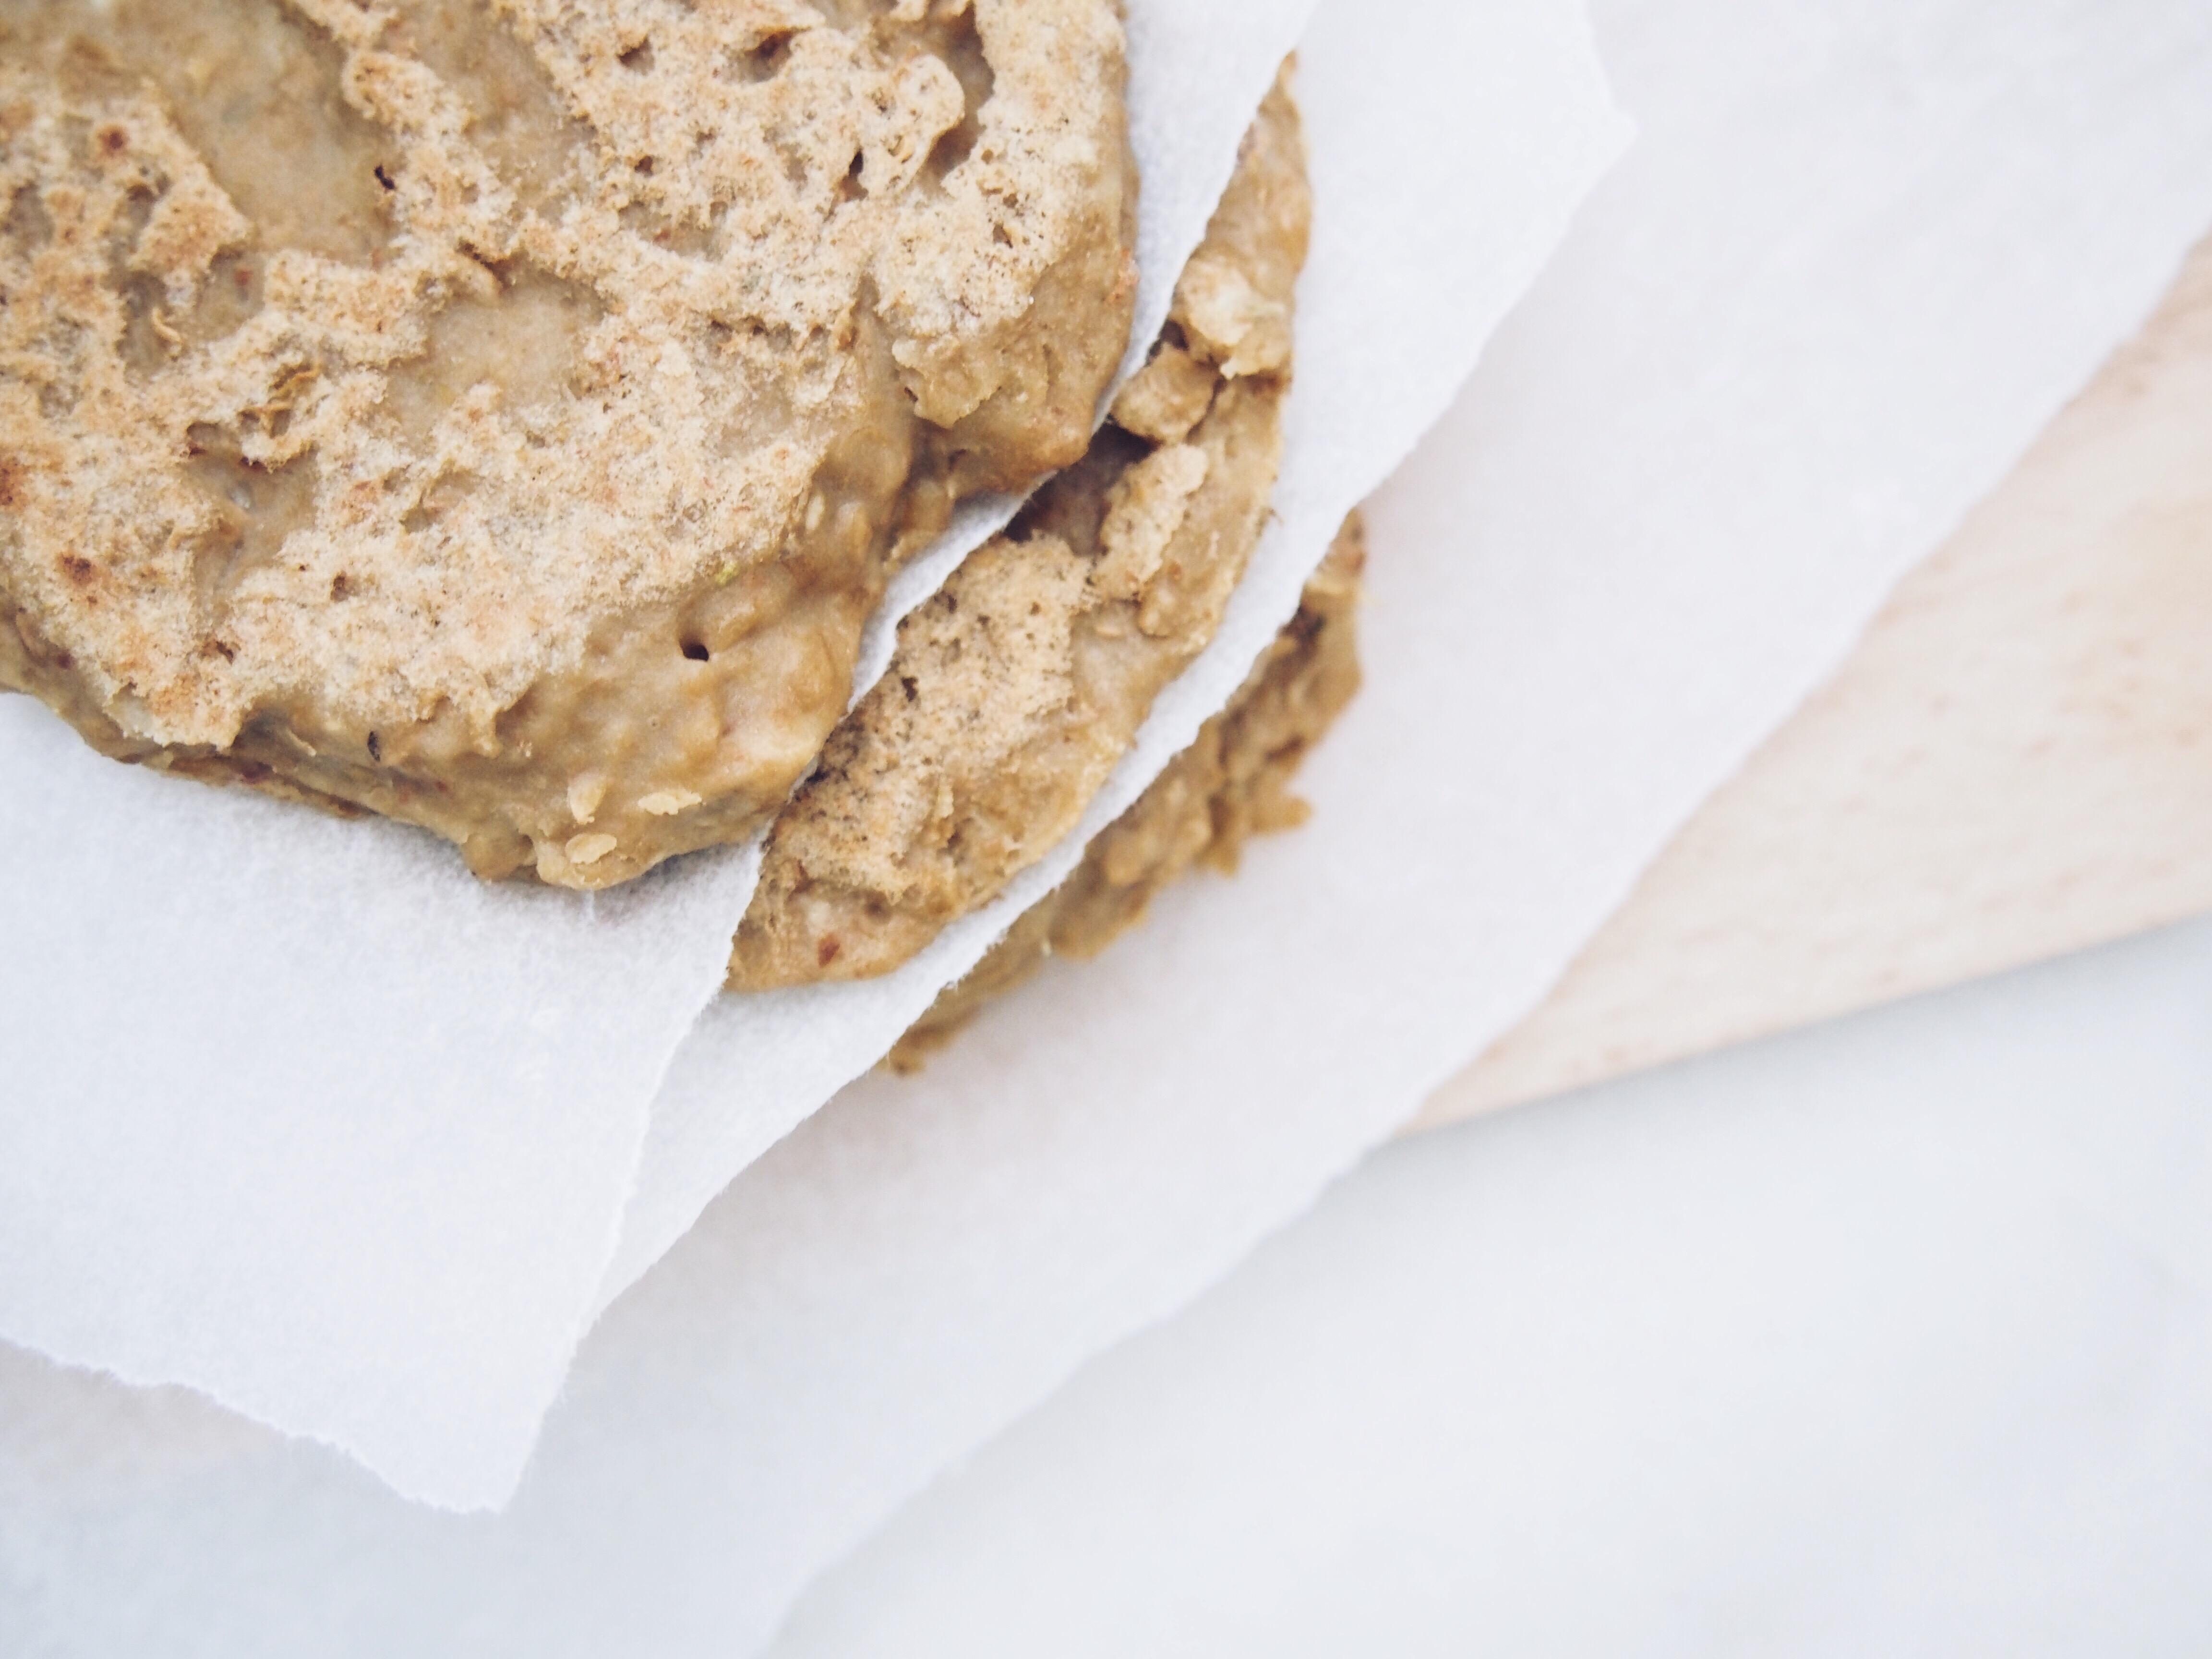 galettes-de-lentilles-gluten-free-lactose-free-recette-végétarienne-veggie-soprettylittlethings